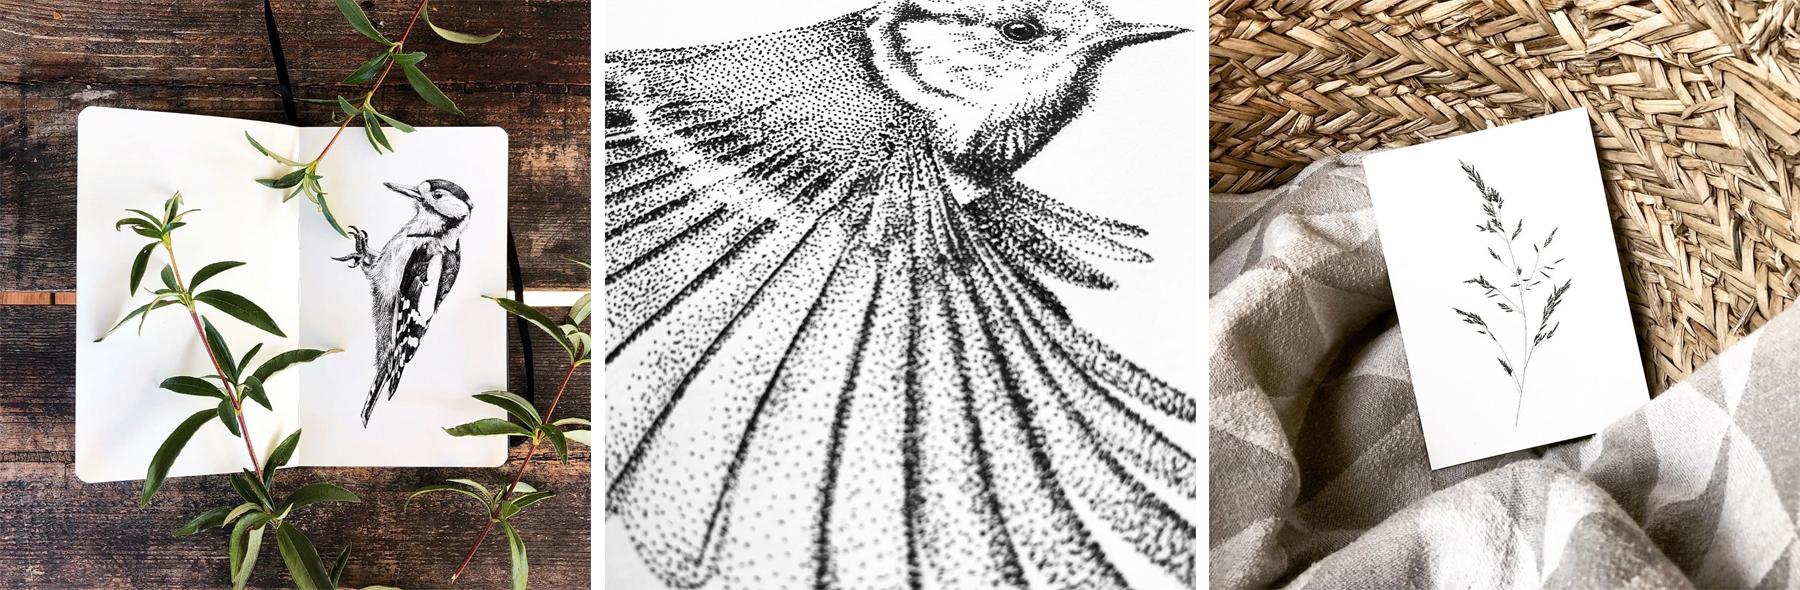 Verkooppunten – Mélisse ansichtkaarten van flora en fauna, dieren, vogels, planten